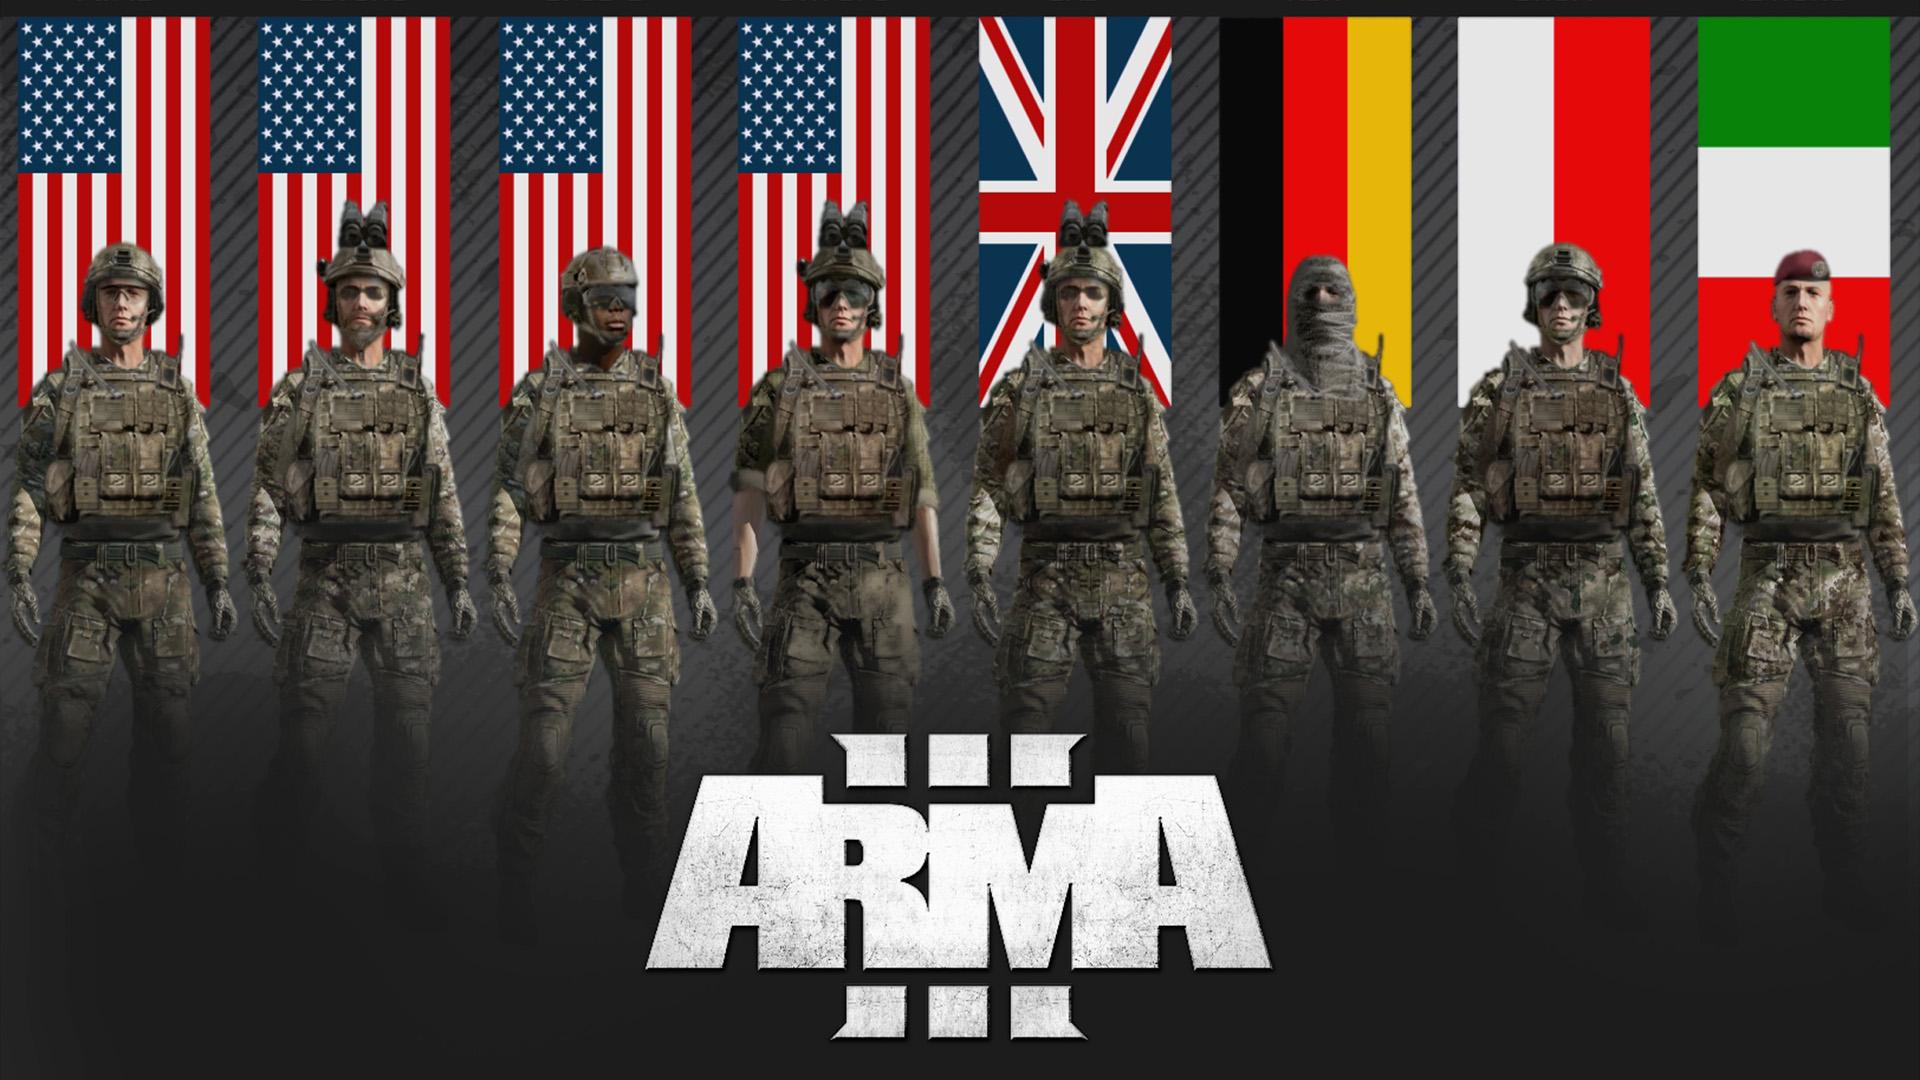 arma 3 wallpaper hd